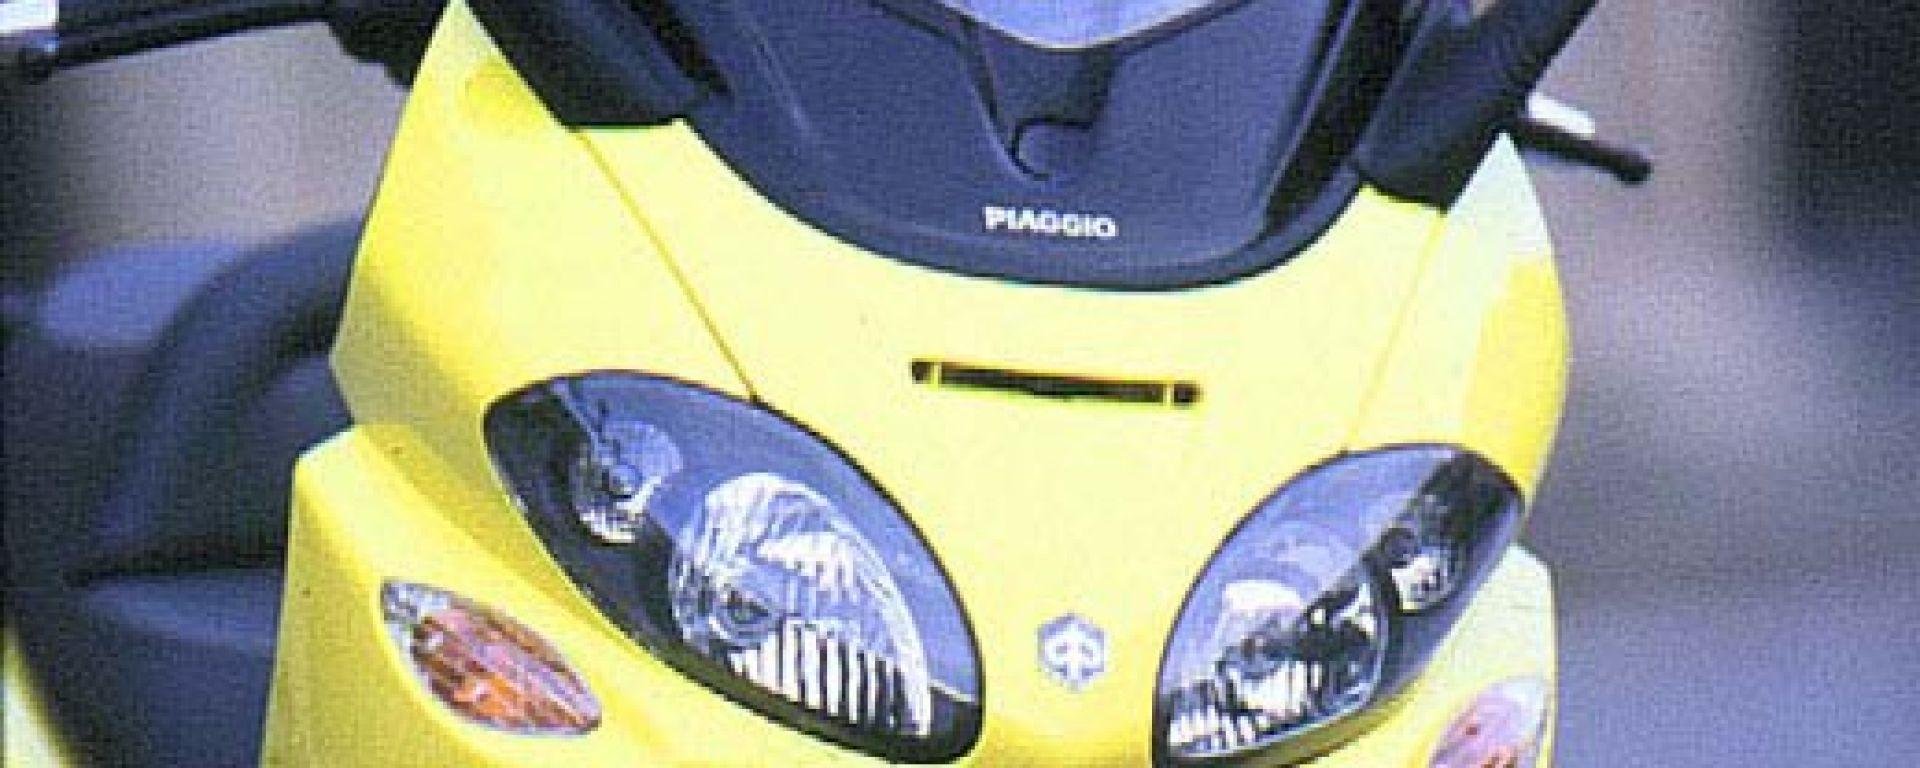 Schema Elettrico X9 250 : Prova su strada piaggio motorbox